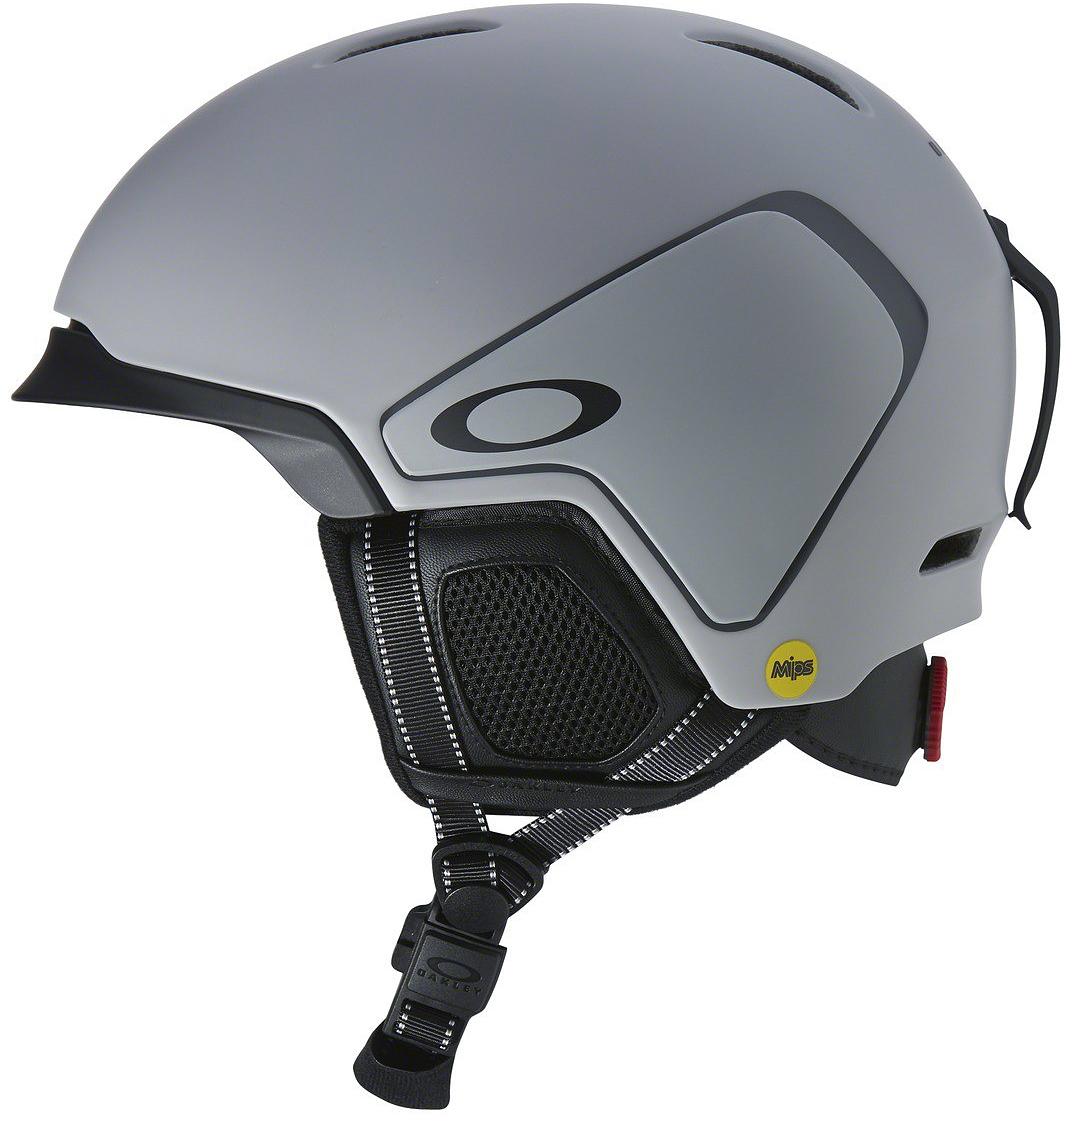 Шлем зимний Oakley Mod3MIPS Matte Grey, цвет: серый. Размер L99432MP-25D25DЛегкий шлем Oakley Mod3 - это проверенная временем, эффективная конструкция из жесткой внешней оболочки и мягкой внутренней части, которая гасит силу удара и распределяет её по большой площади, постоянная эффективная вентиляция и регулировка размера с помощью BOA. Застегивается он магнитной застежкой Fidlock. Компания Oakley не так давно выпускает шлемы под собственным брэндом, но они подошли к вопросу со свойственной им основательностью - коллекция шлемов отличается высочайшим качеством и продуманным дизайном. Учтены все мелочи, начиная от технологии MBS со сменными козырьками, позволяющими обеспечить более плотное прилегание маски без зазоров и заканчивая всеми необходимыми опциями: съемной подкладкой и наушниками, клипсой для крепления ремня маски и чехлом для шлема в комплекте. А так же идеальная совместимость со своей оптикой.Параметры:- Облегченная конструкция In-mold, где к внешней прочной оболочке припаивается вспененный демпфирующий материал EPS- Бакля на магнитной застежке Fidlock®- Технология MBS (Modular Brim System): 2 сменных козырька в комплекте, призванные обеспечить плотное прилегание маски- Фиксированная вентиляционная система- Съемная подкладка Comfort Liner- Съемные амбушюры- Съемное крепление ремешка маски- Чехол для шлема в комплекте- Сертификаты: ASTM F2040, CE EN1077.Модель MIPS MOD3 отличается от базовой наличием многонаправленной системы защиты от ударов - она применяется в самых современных моделях и состоит из трех основных компонентов: внутренняя подкладка из вспененного материала, вкладыш с низким коэффициентом трения и эластомерная система крепления между ними; при угловом ударе эластомерная система растягивается для того, чтобы вкладыши из вспененного материала вращались независимо друг от друга вокруг головы для снижения вращательной силы удара. Максимальная защита.